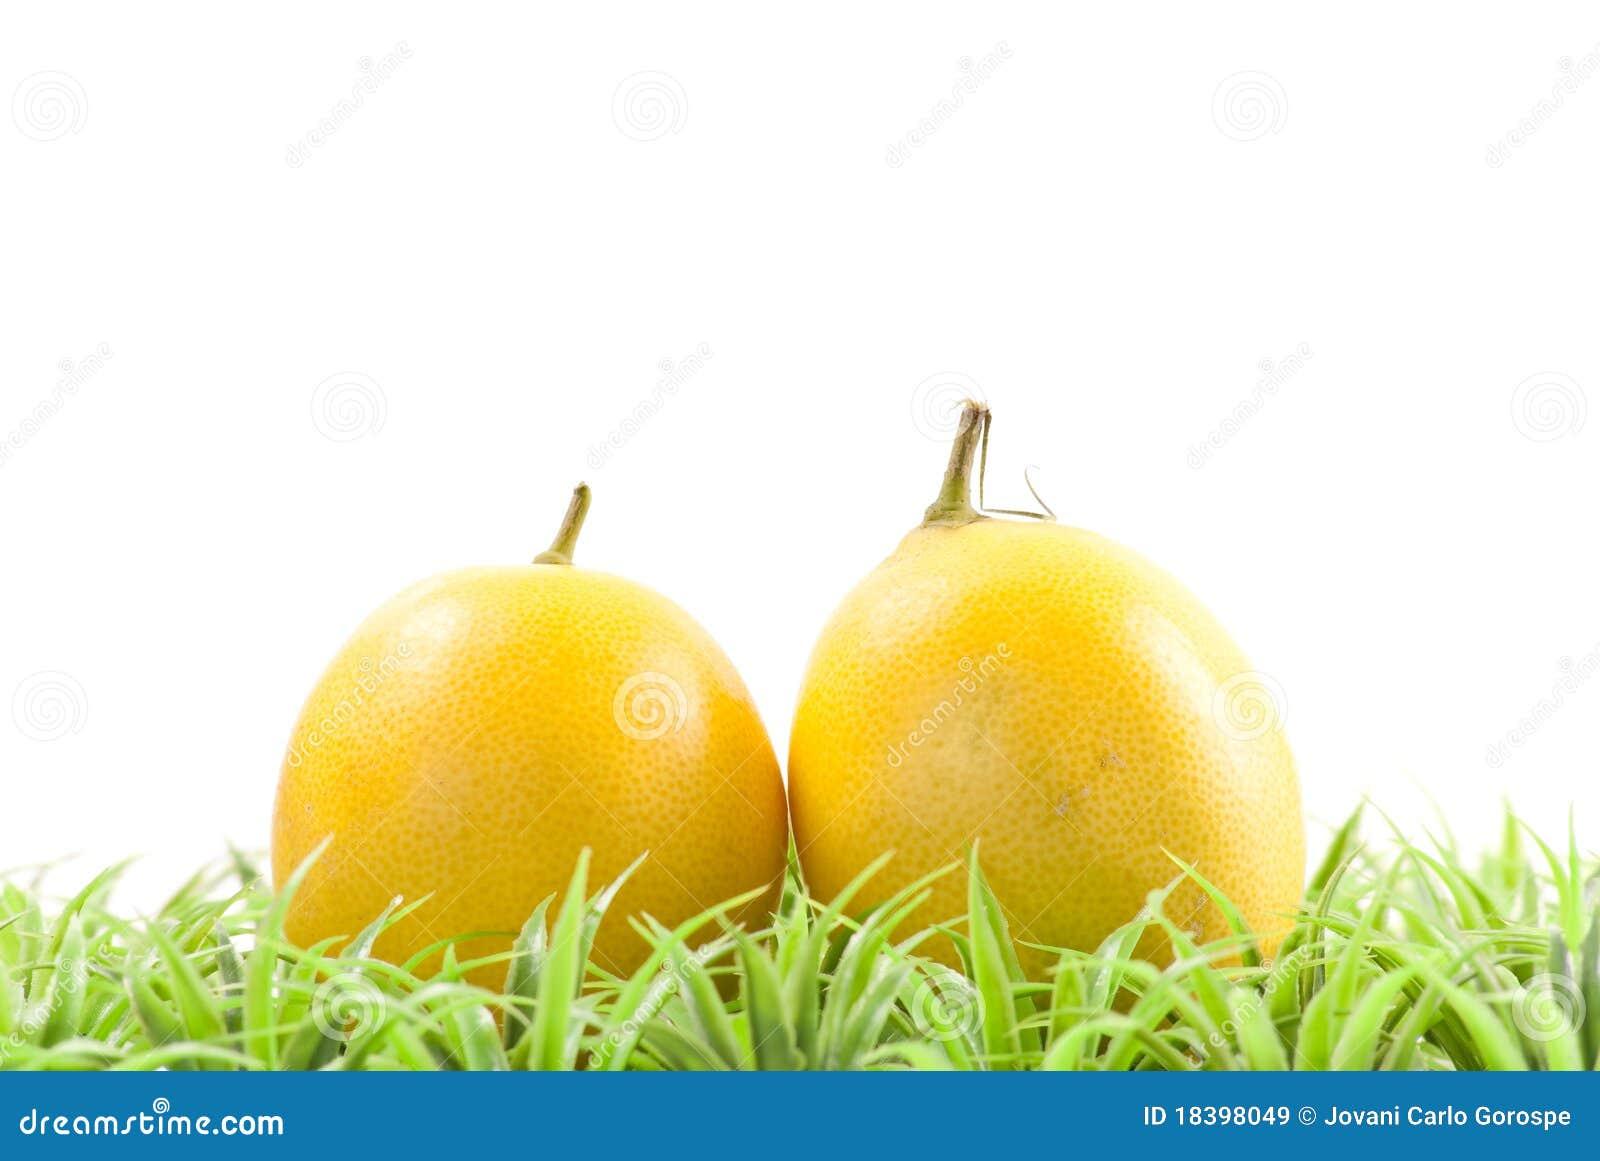 свежие выбранные лимоны